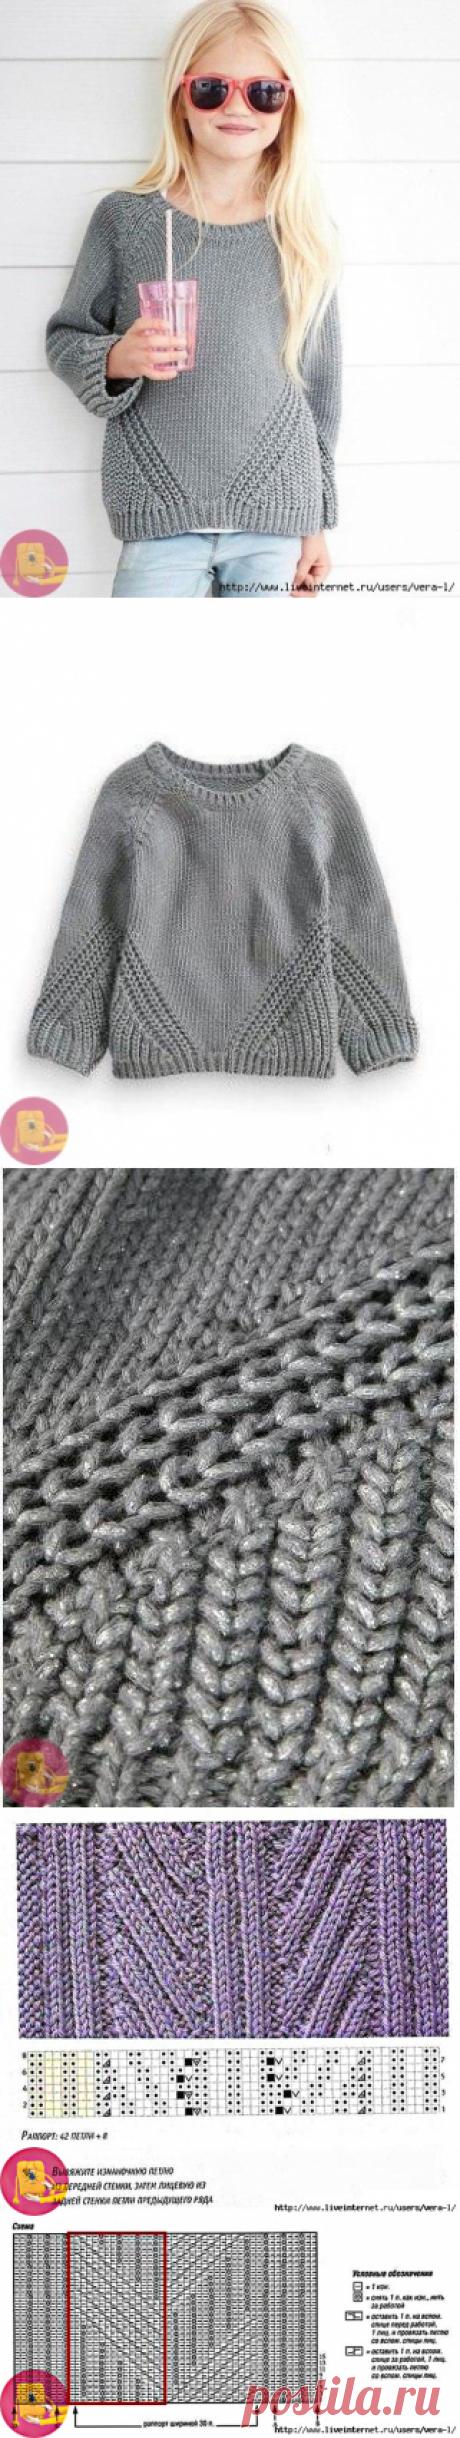 Пуловер для девочки: схема узора — Сделай сам, идеи для творчества - DIY Ideas